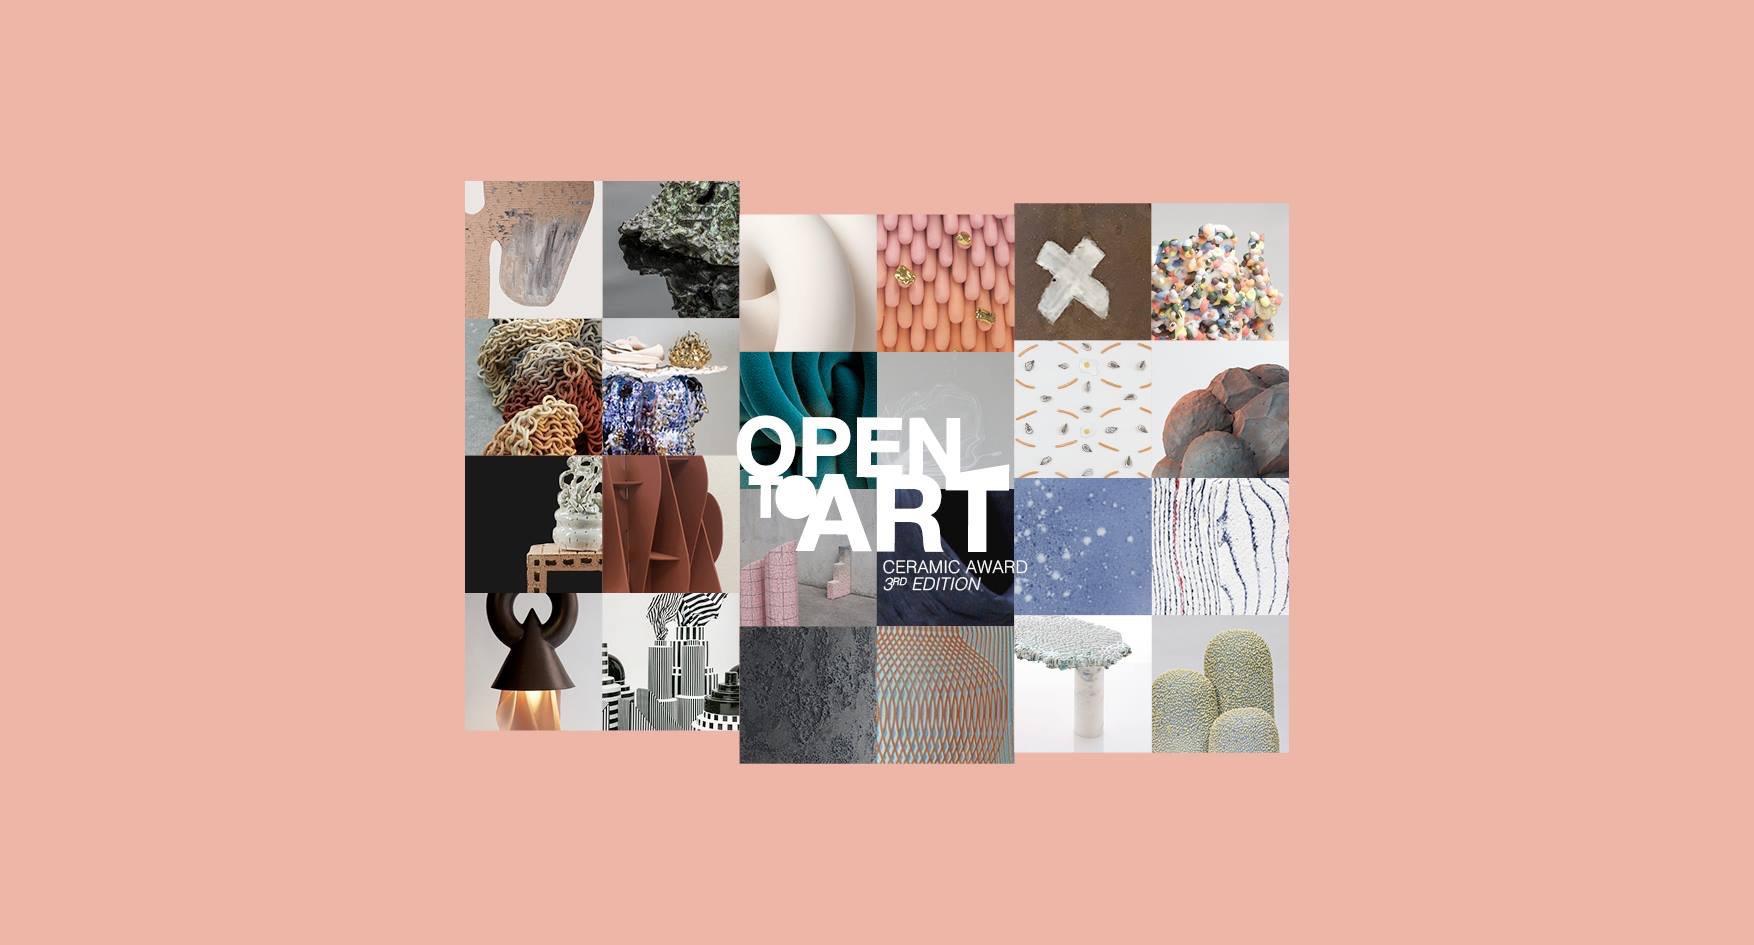 Open to Art